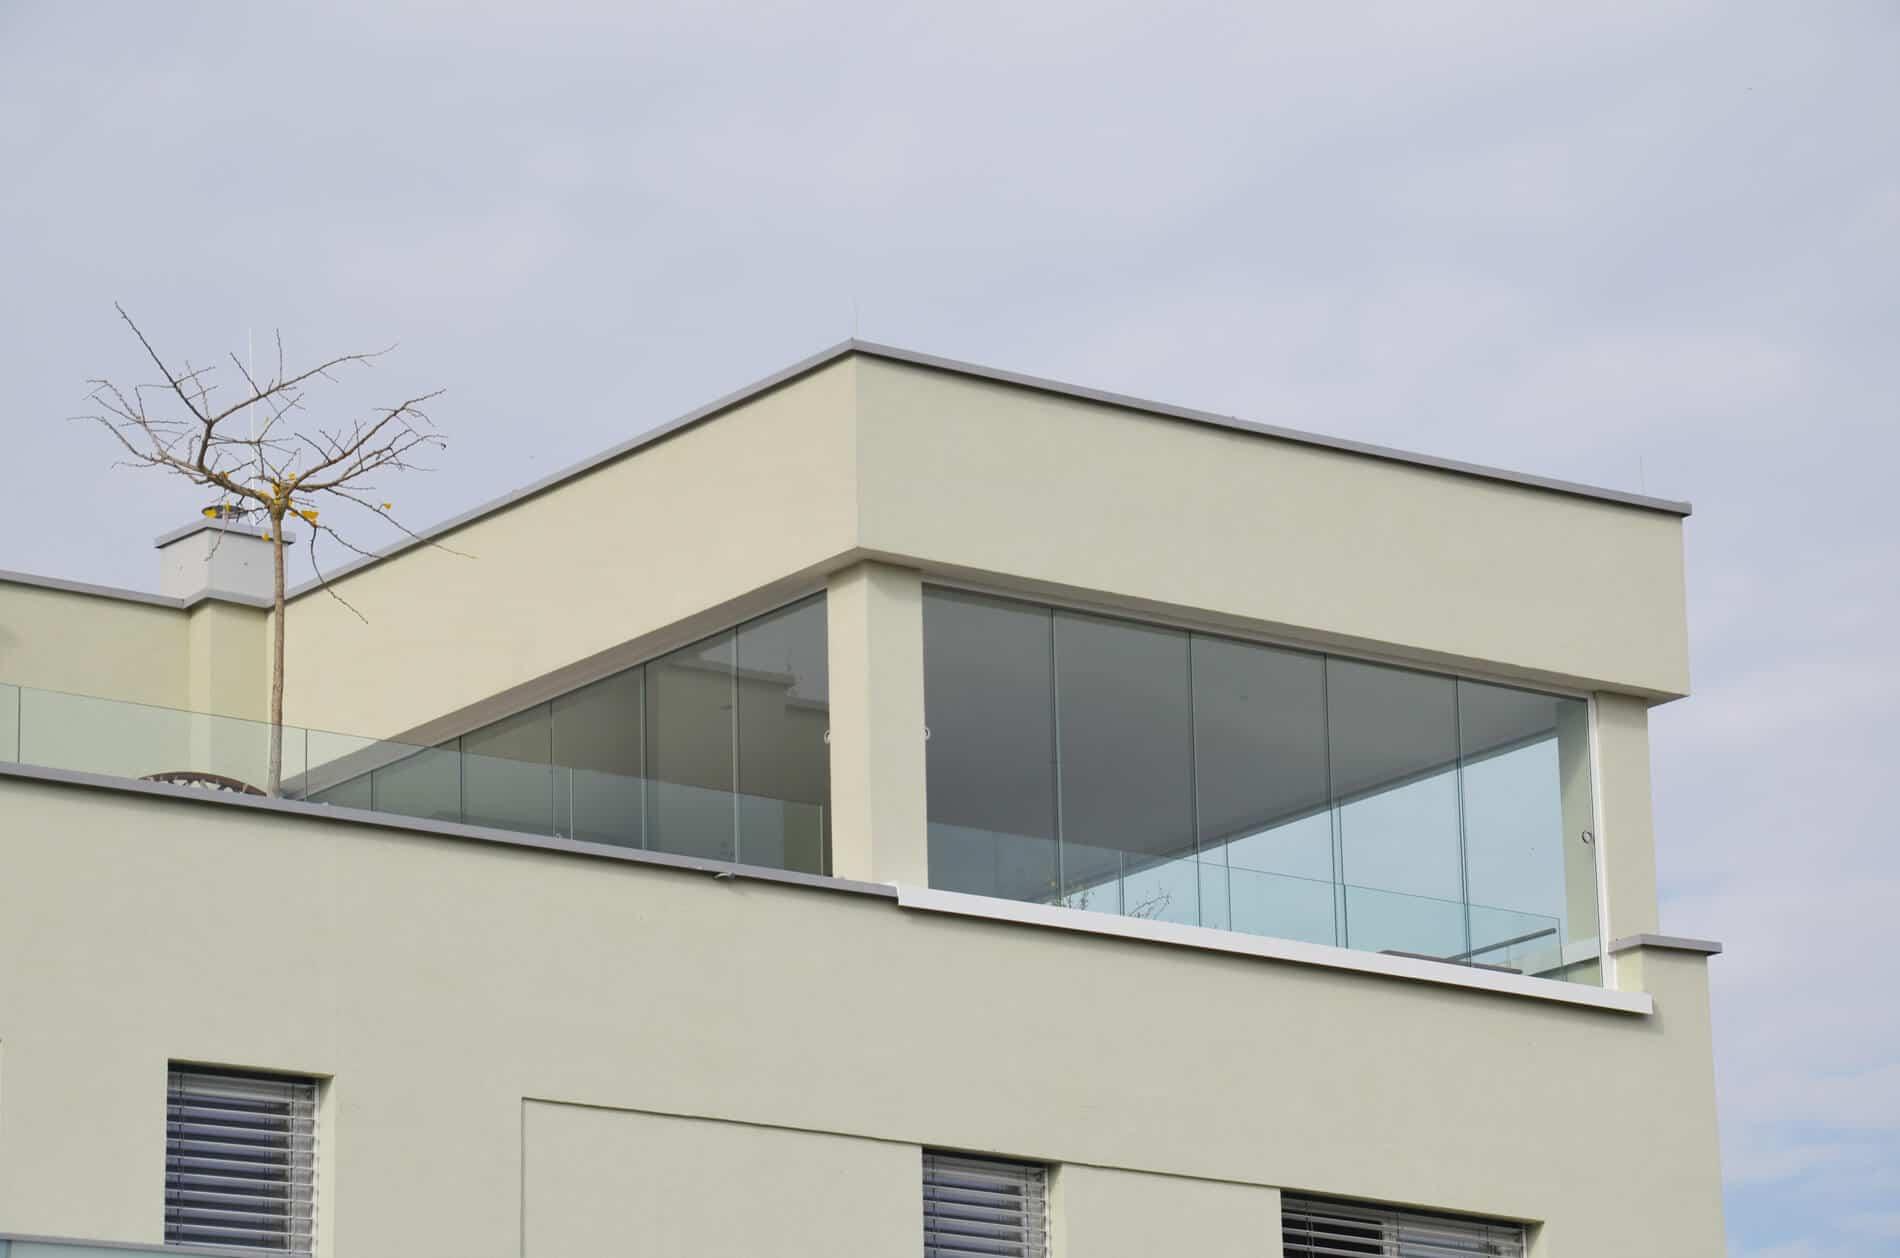 Glasschiebetüren außen rahmenlos für Dachterrasse